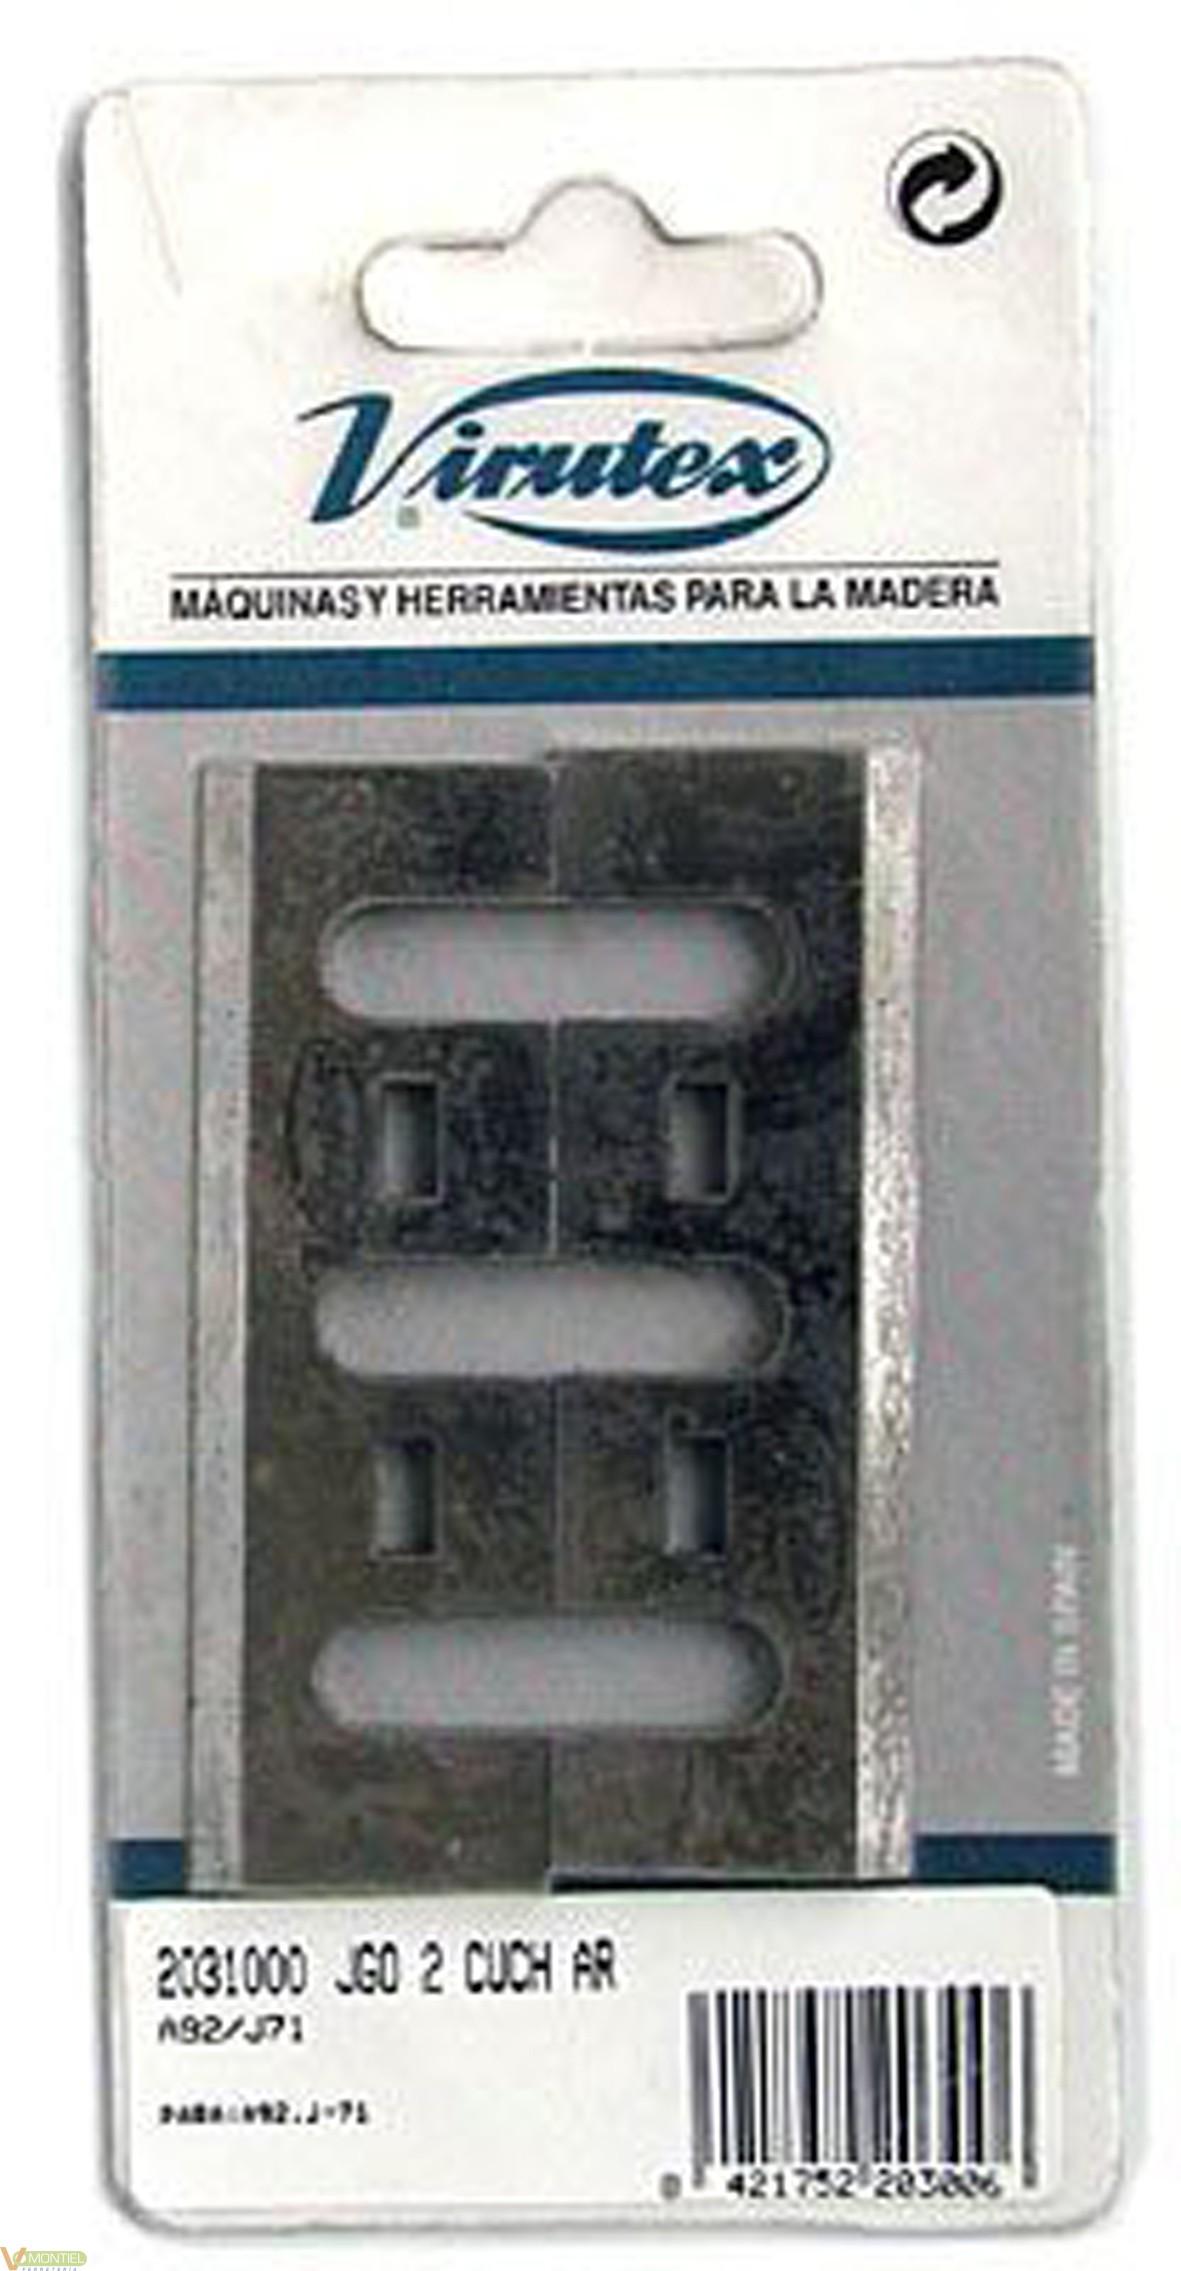 Cuchilla cepillo elec. hss-0